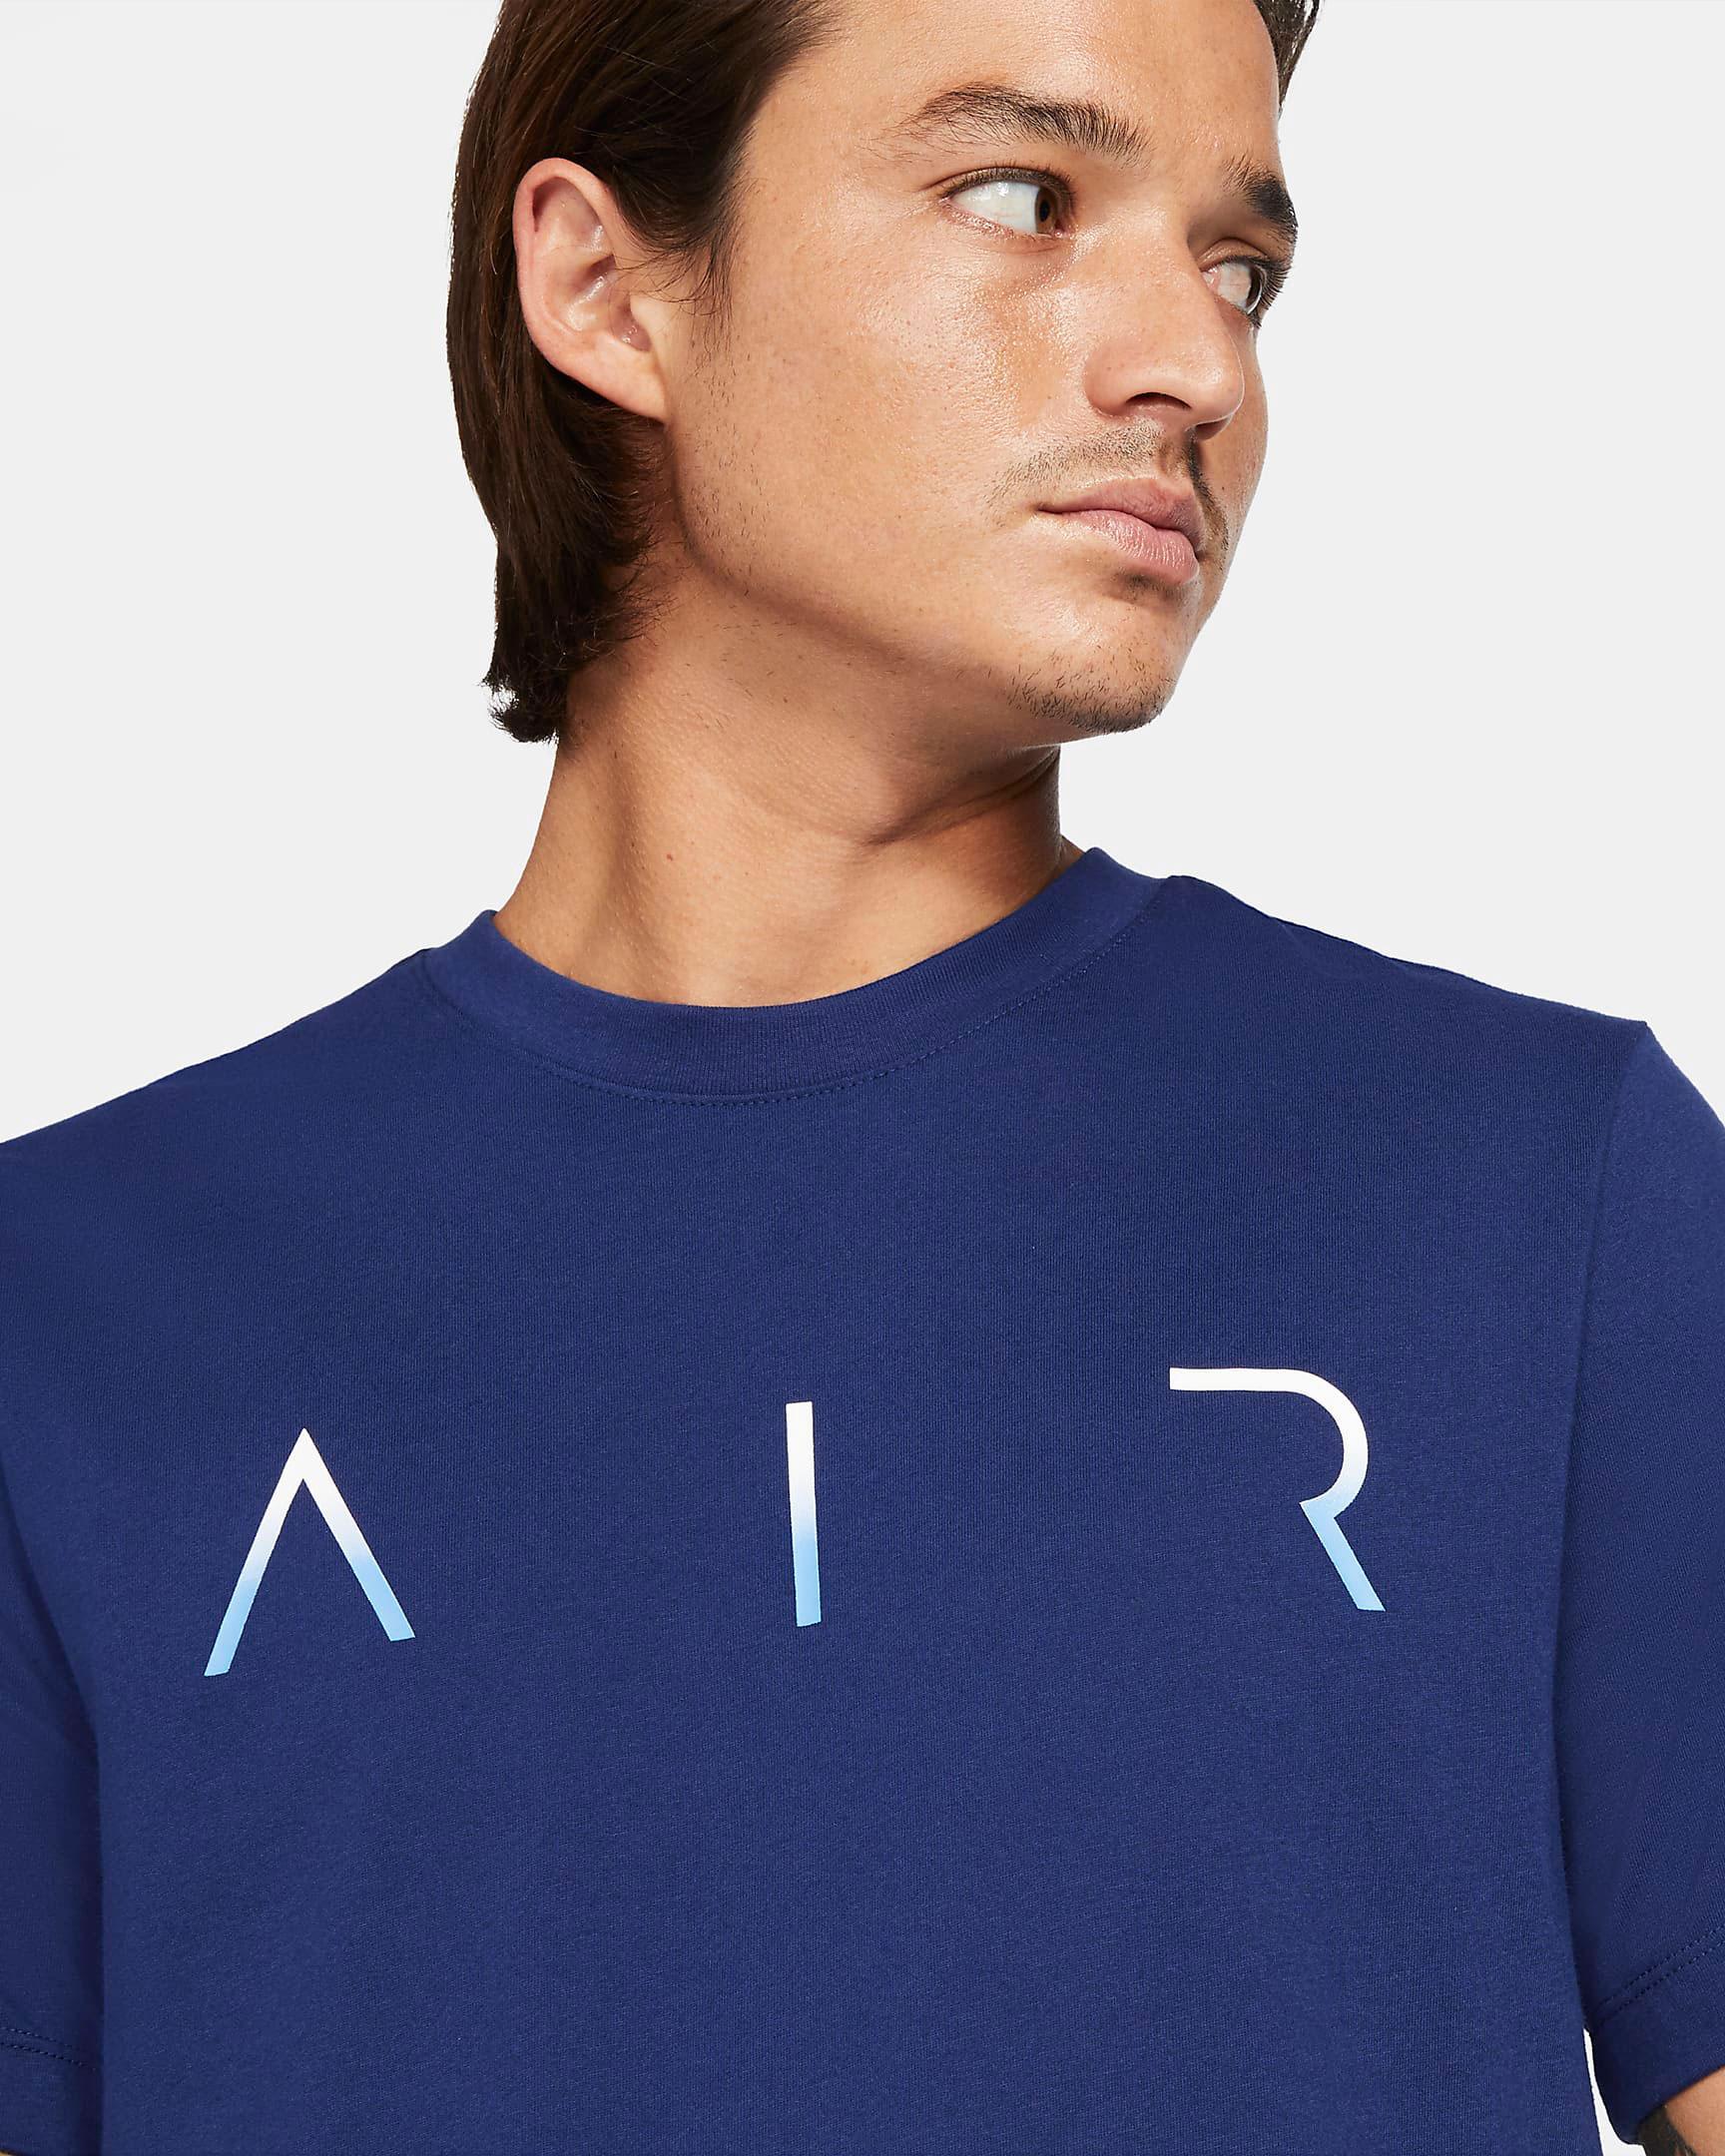 jordan-jumpman-air-shirt-navy-university-blue-2